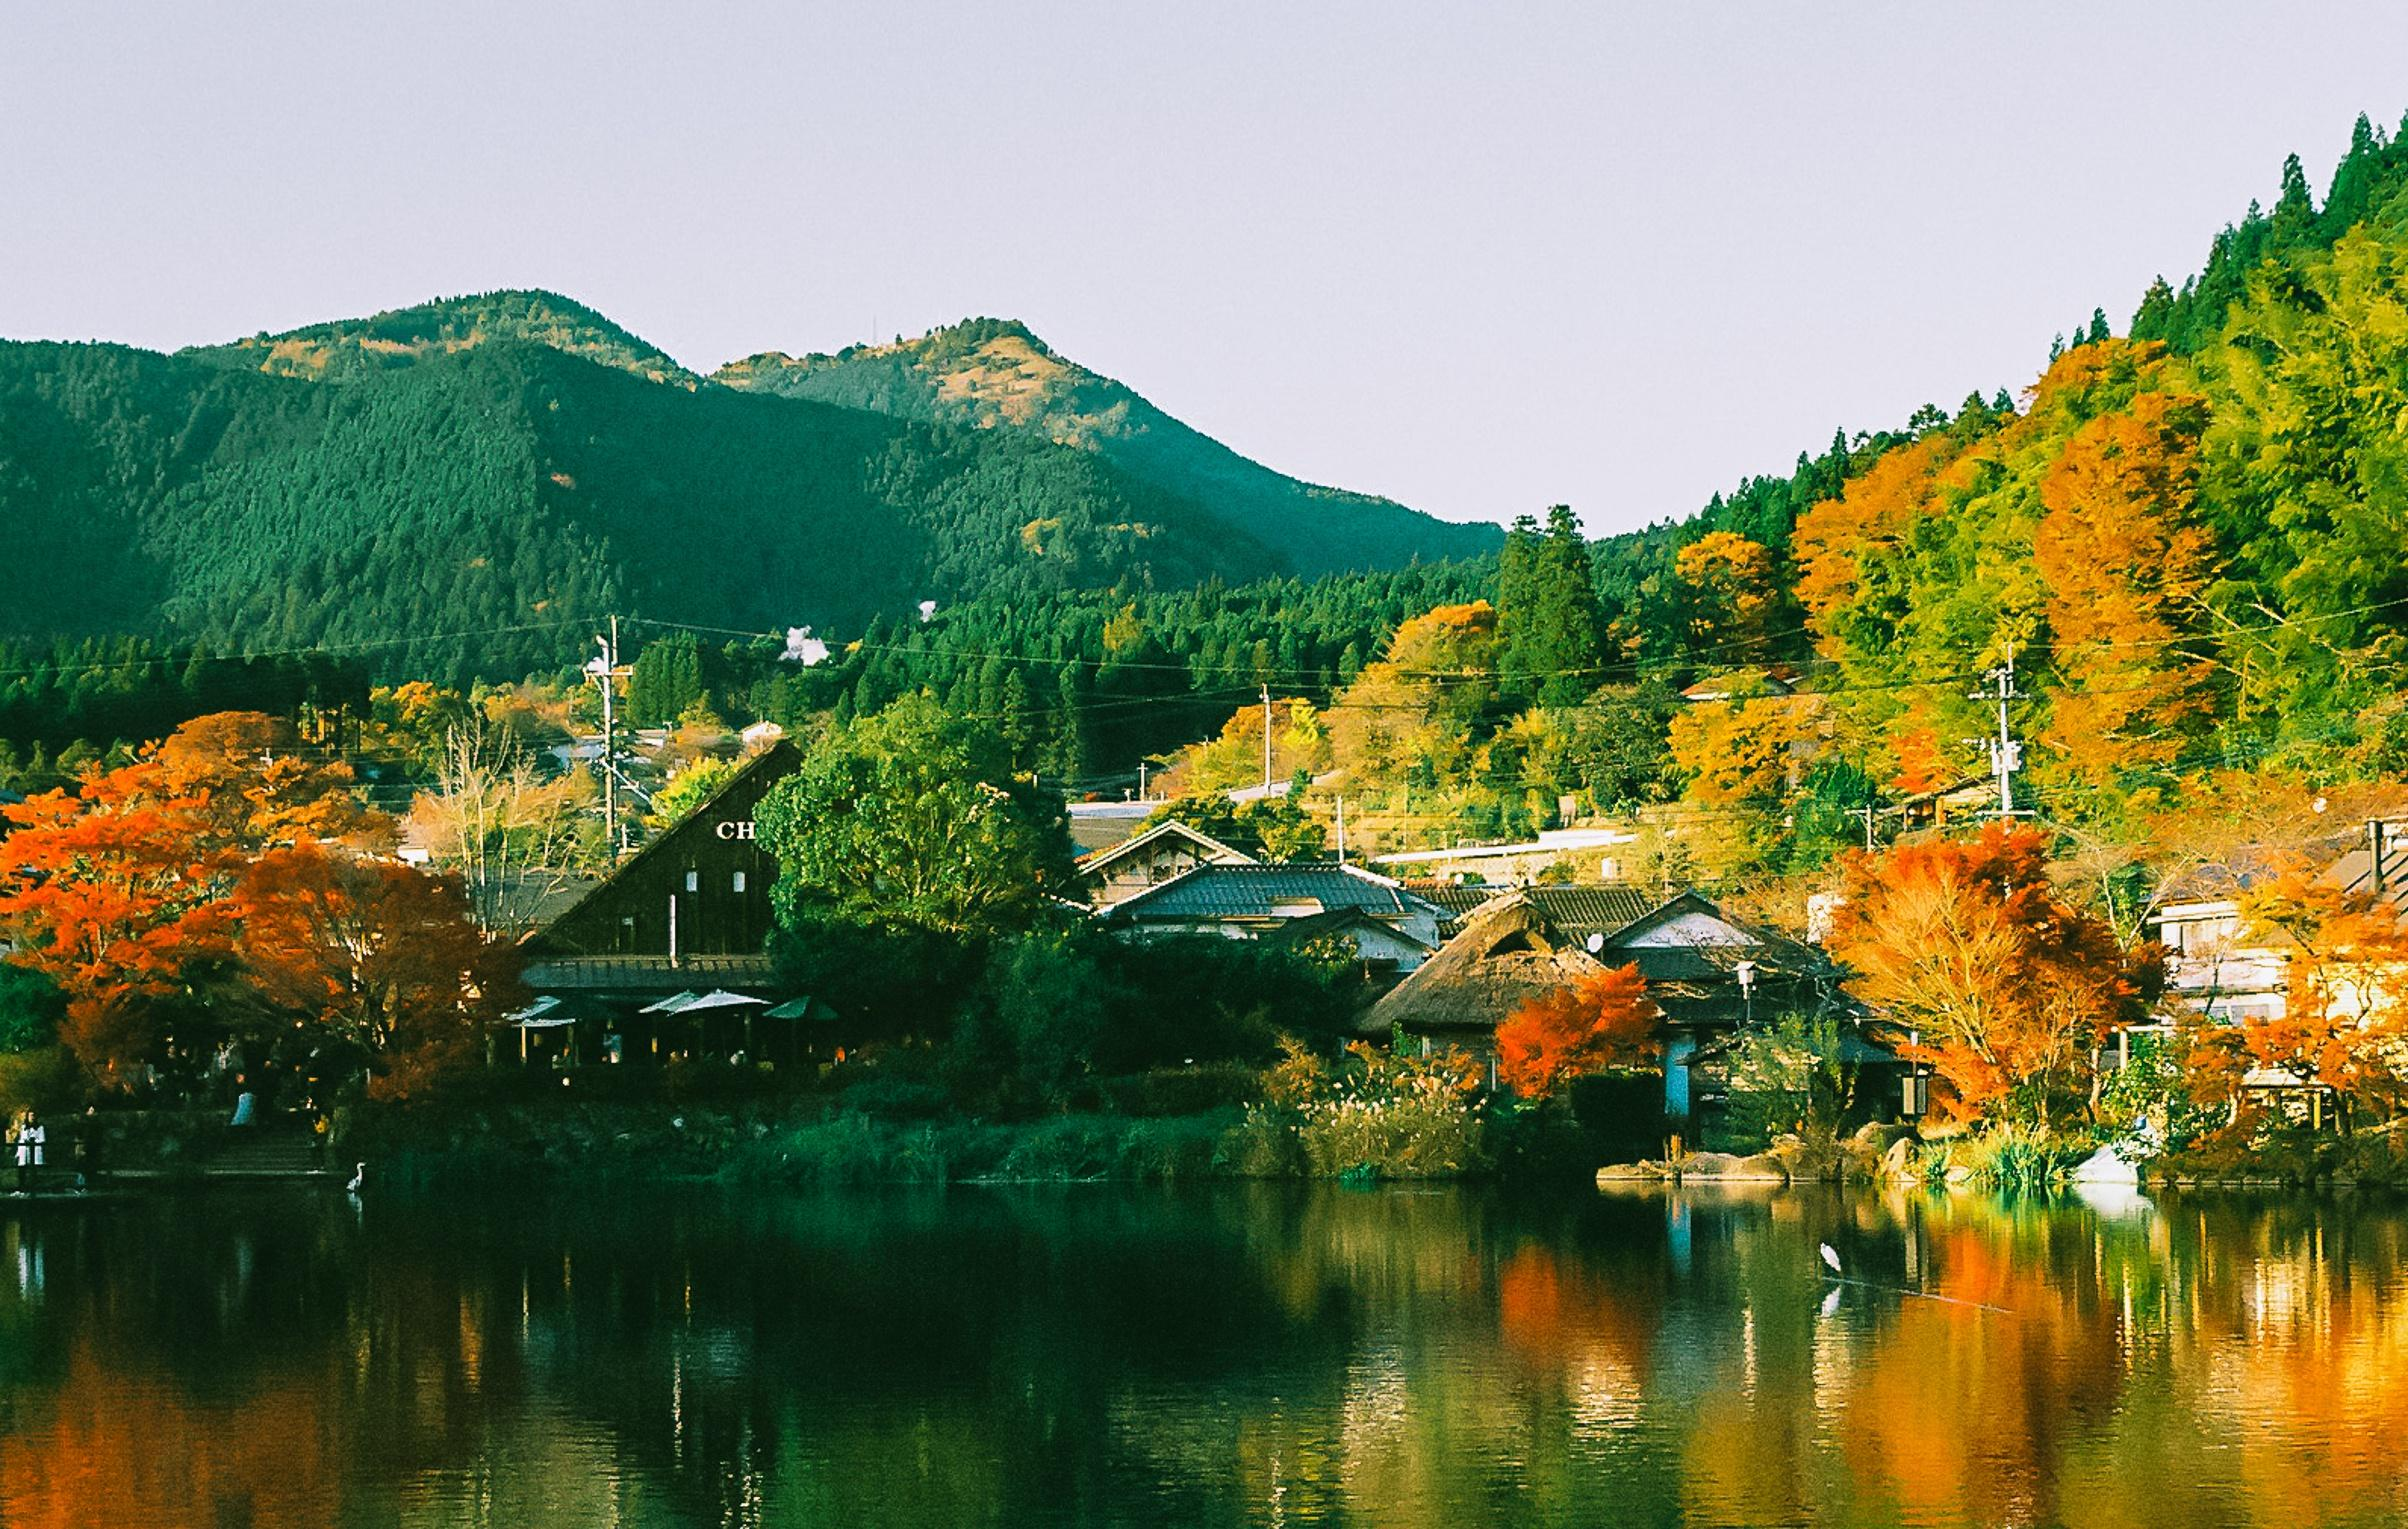 Yufuin, ngôi làng cổ tích ở Nhật Bản Ảnh 18